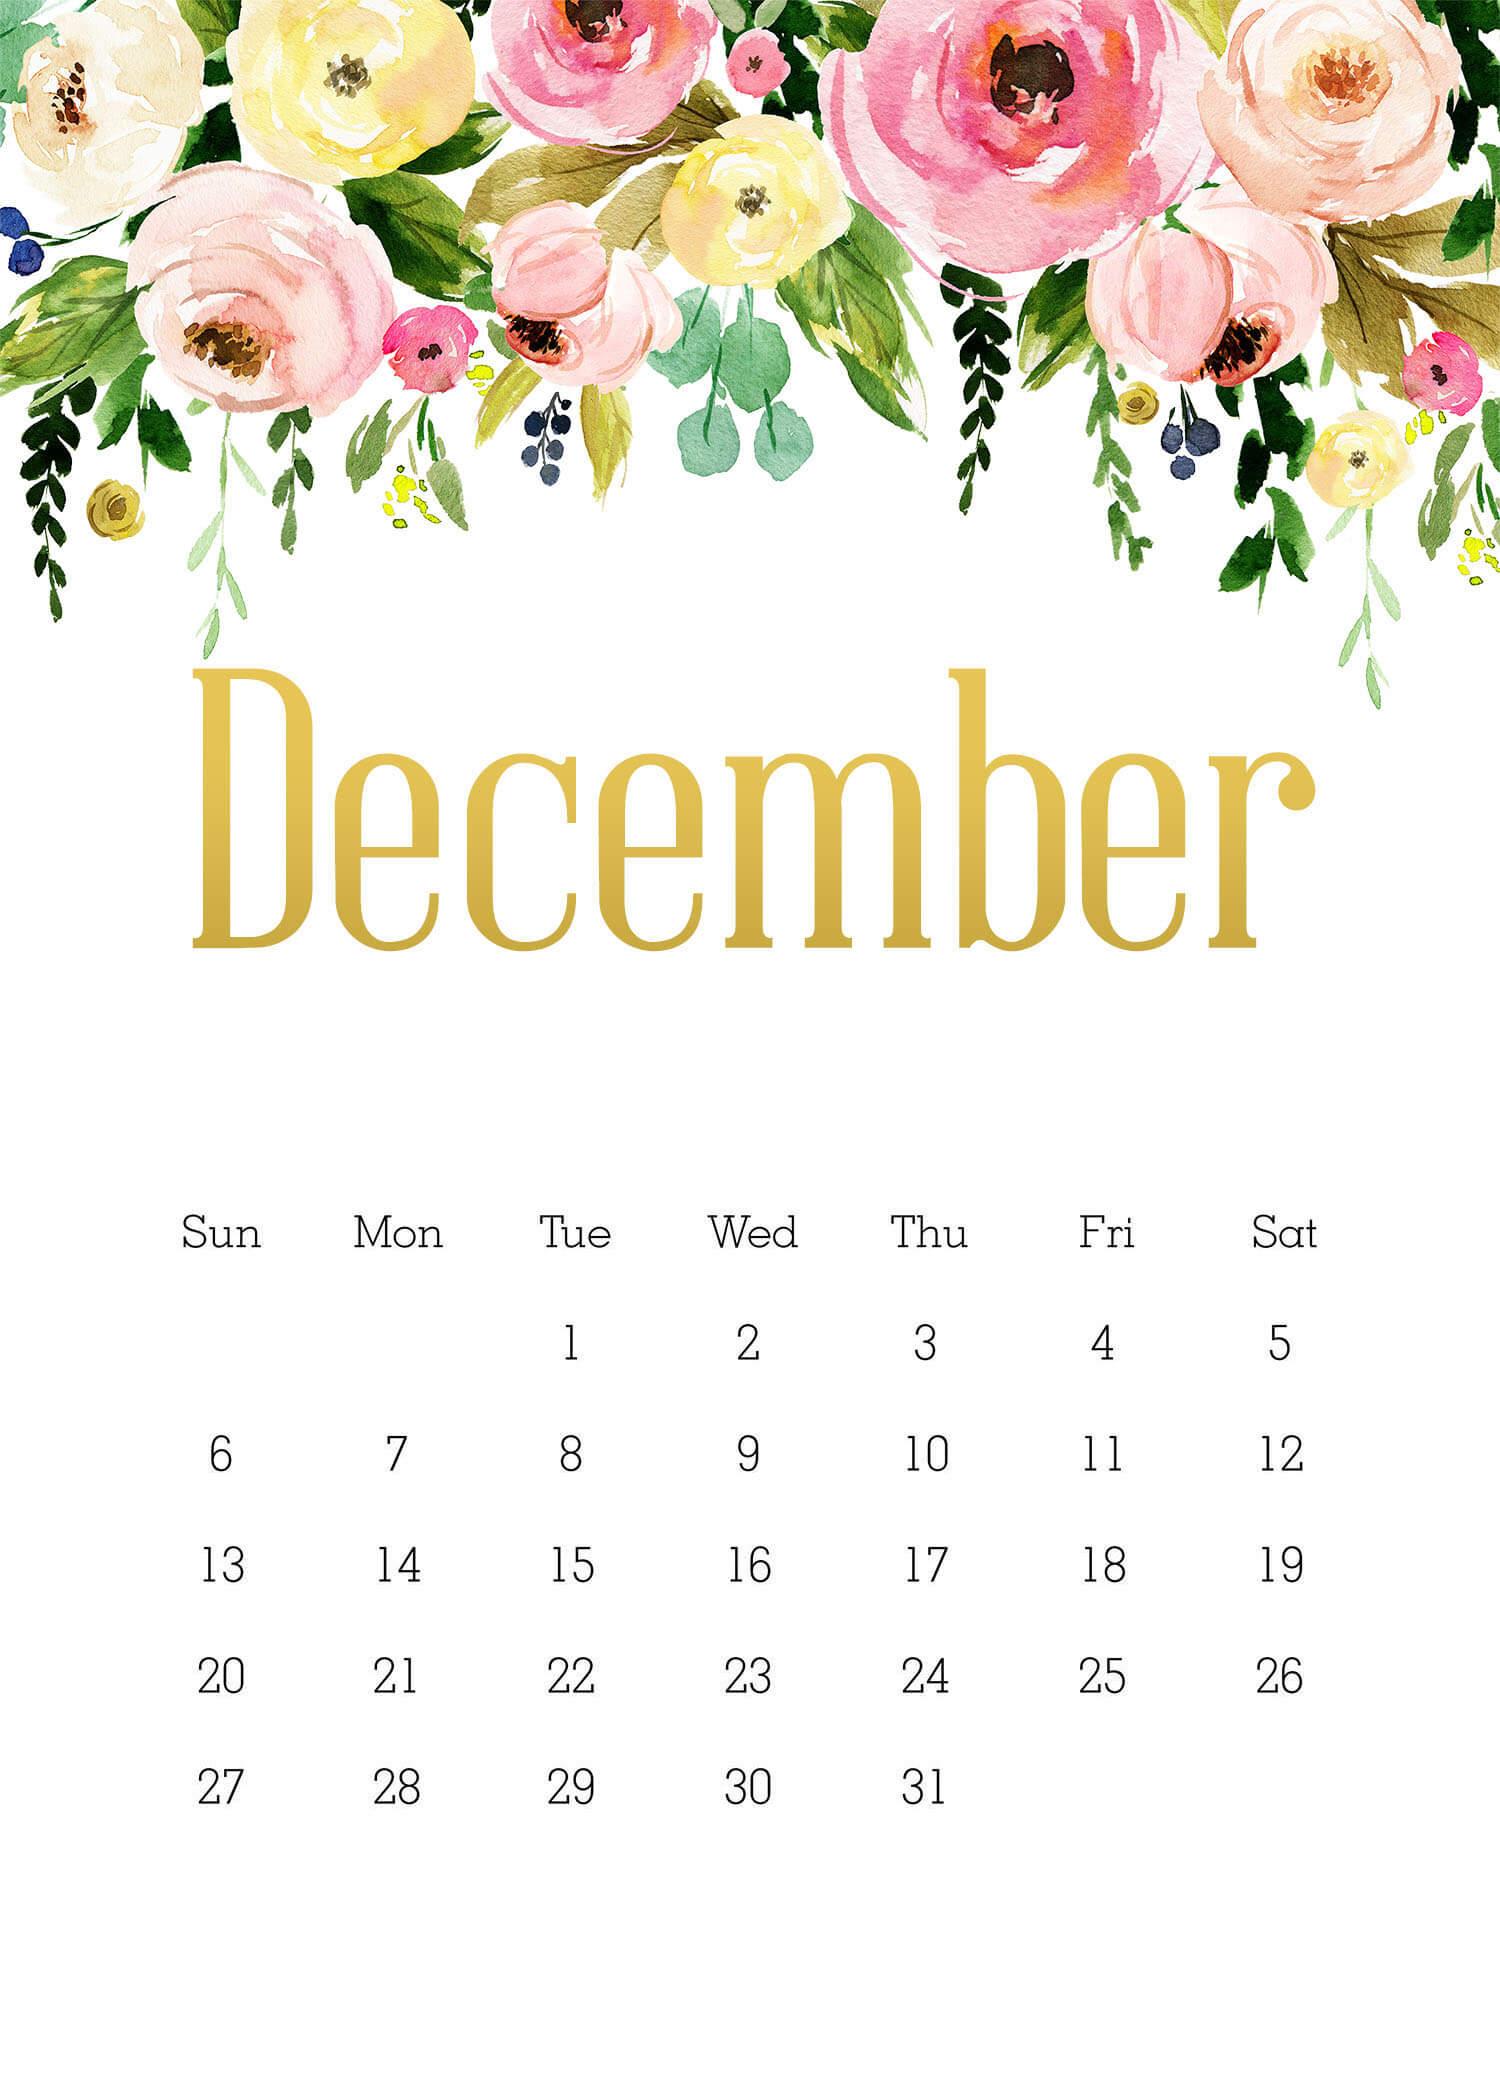 Floral Dec 2020 Desk Calendar